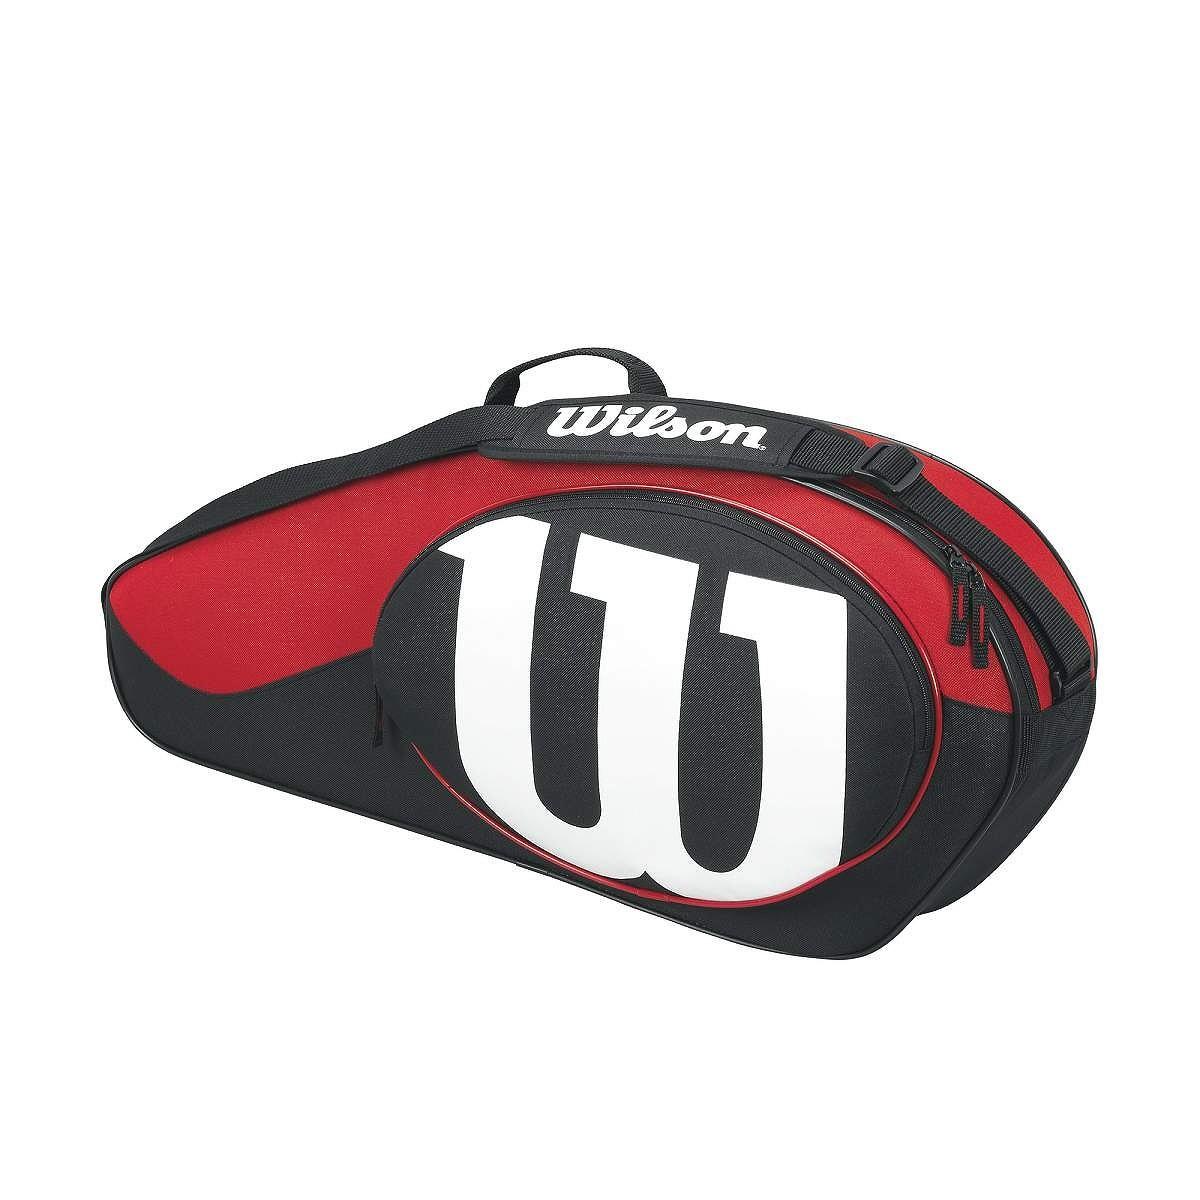 Torba tenisowa Wilson Match II 3 Pack